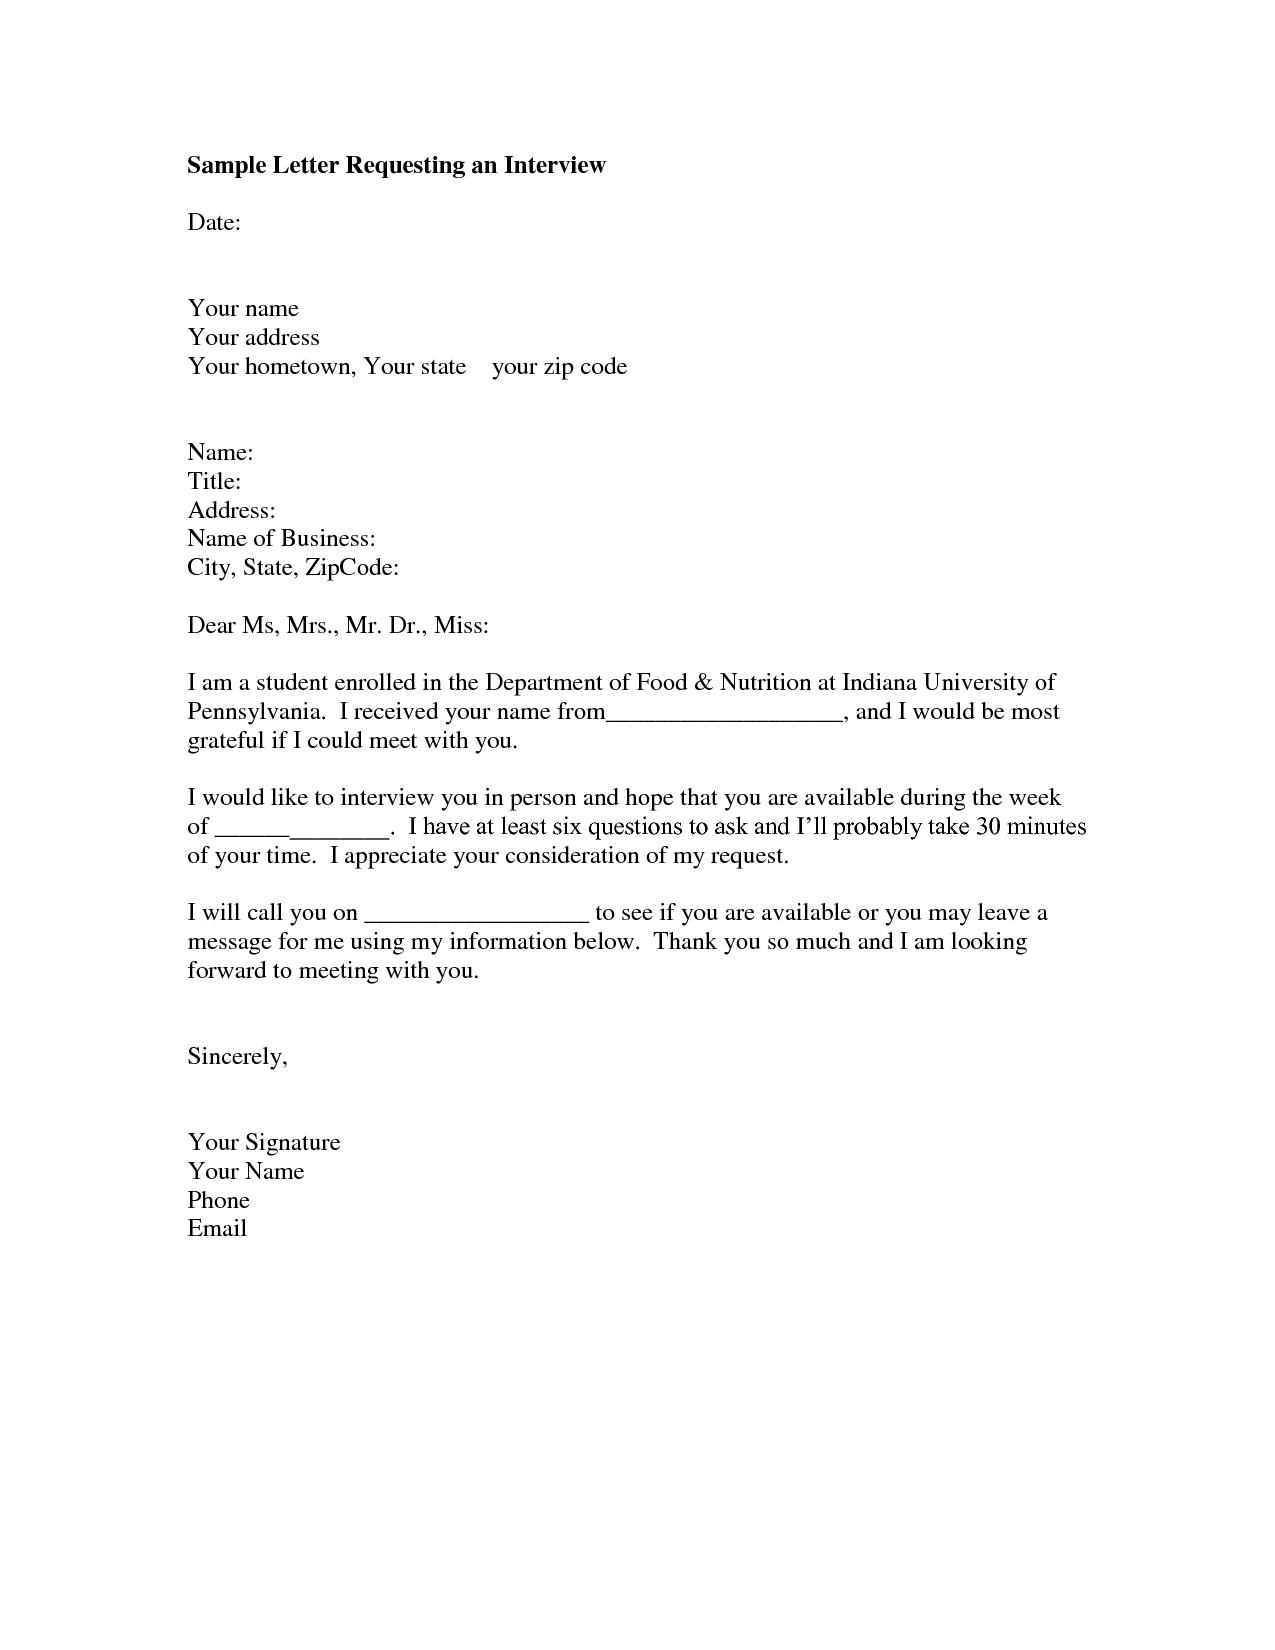 Musterbrief-mit-der-Bitte-um-ein-Interview-19022